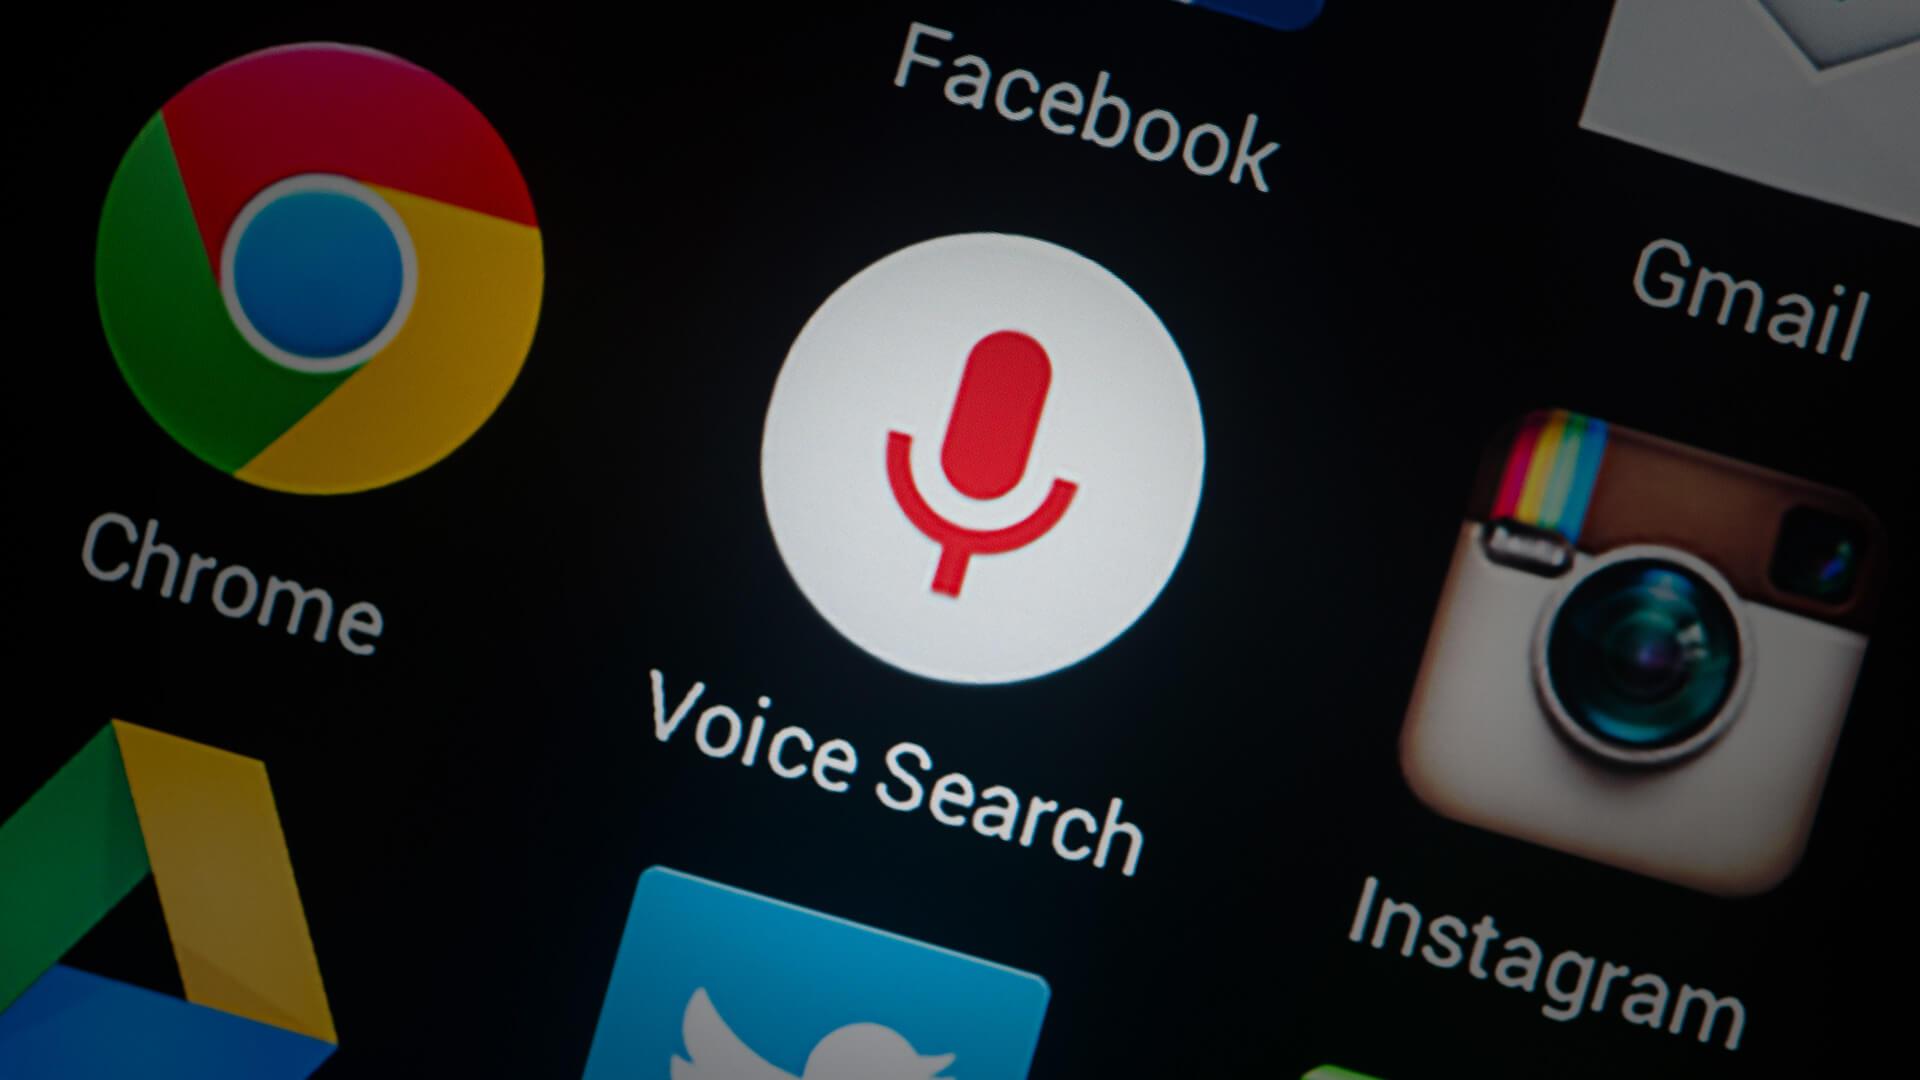 Kết quả hình ảnh cho voice search